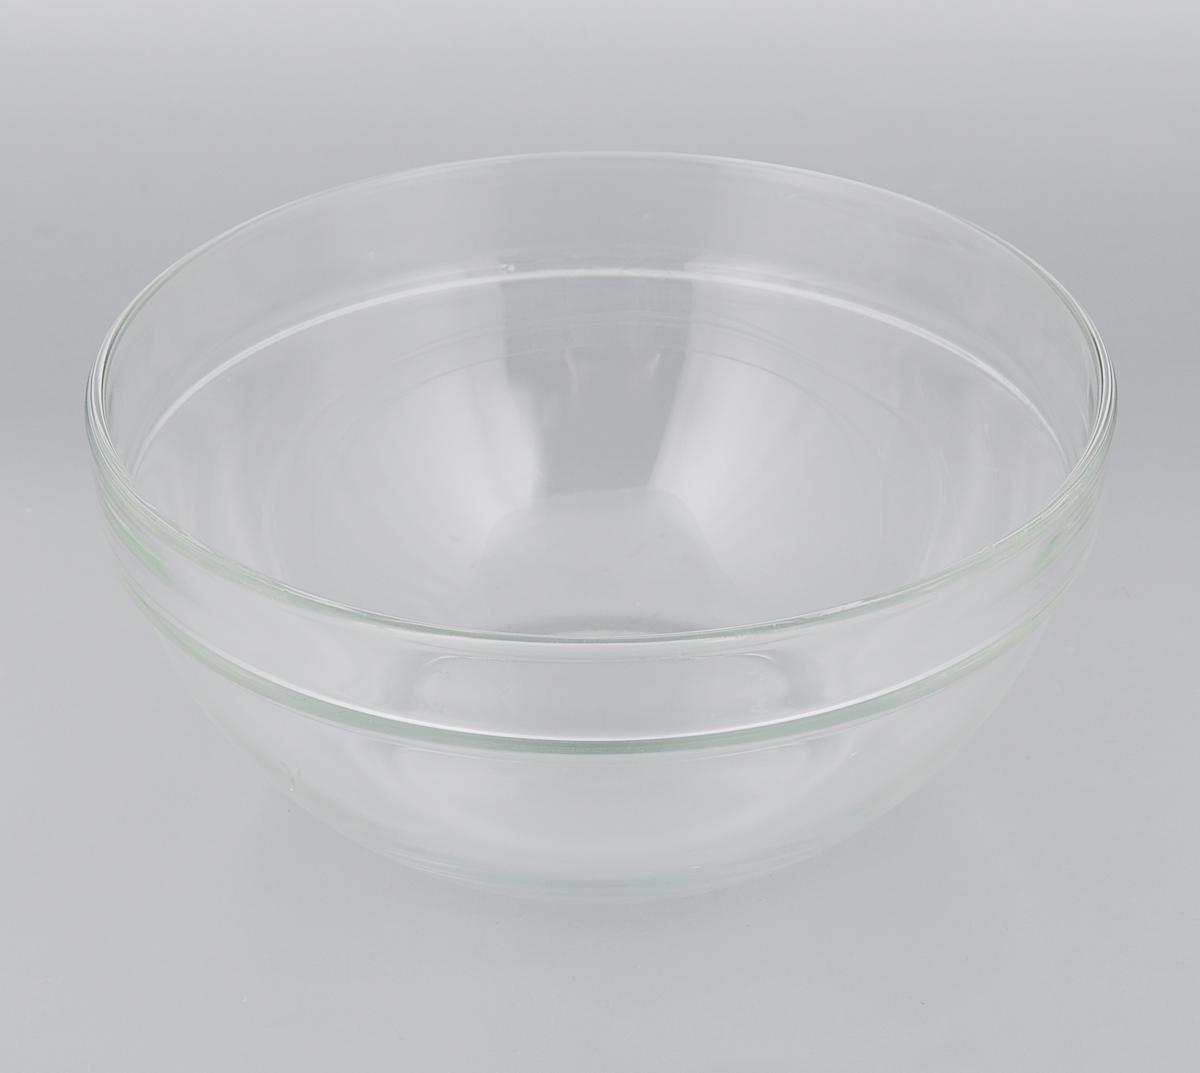 Салатник Luminarc Эмпилабль, диаметр 20 см. 73112RO-7201/2-2Салатник Luminarc Эмпилабль выполнен из ударопрочного стекла. Изделие придется по вкусу и ценителям классики, и тем, кто предпочитает утонченность и изысканность. Салатник Luminarc Эмпилабль идеально подойдет для сервировки стола и станет отличным подарком к любому празднику.Диаметр (по верхнему краю): 20 см.